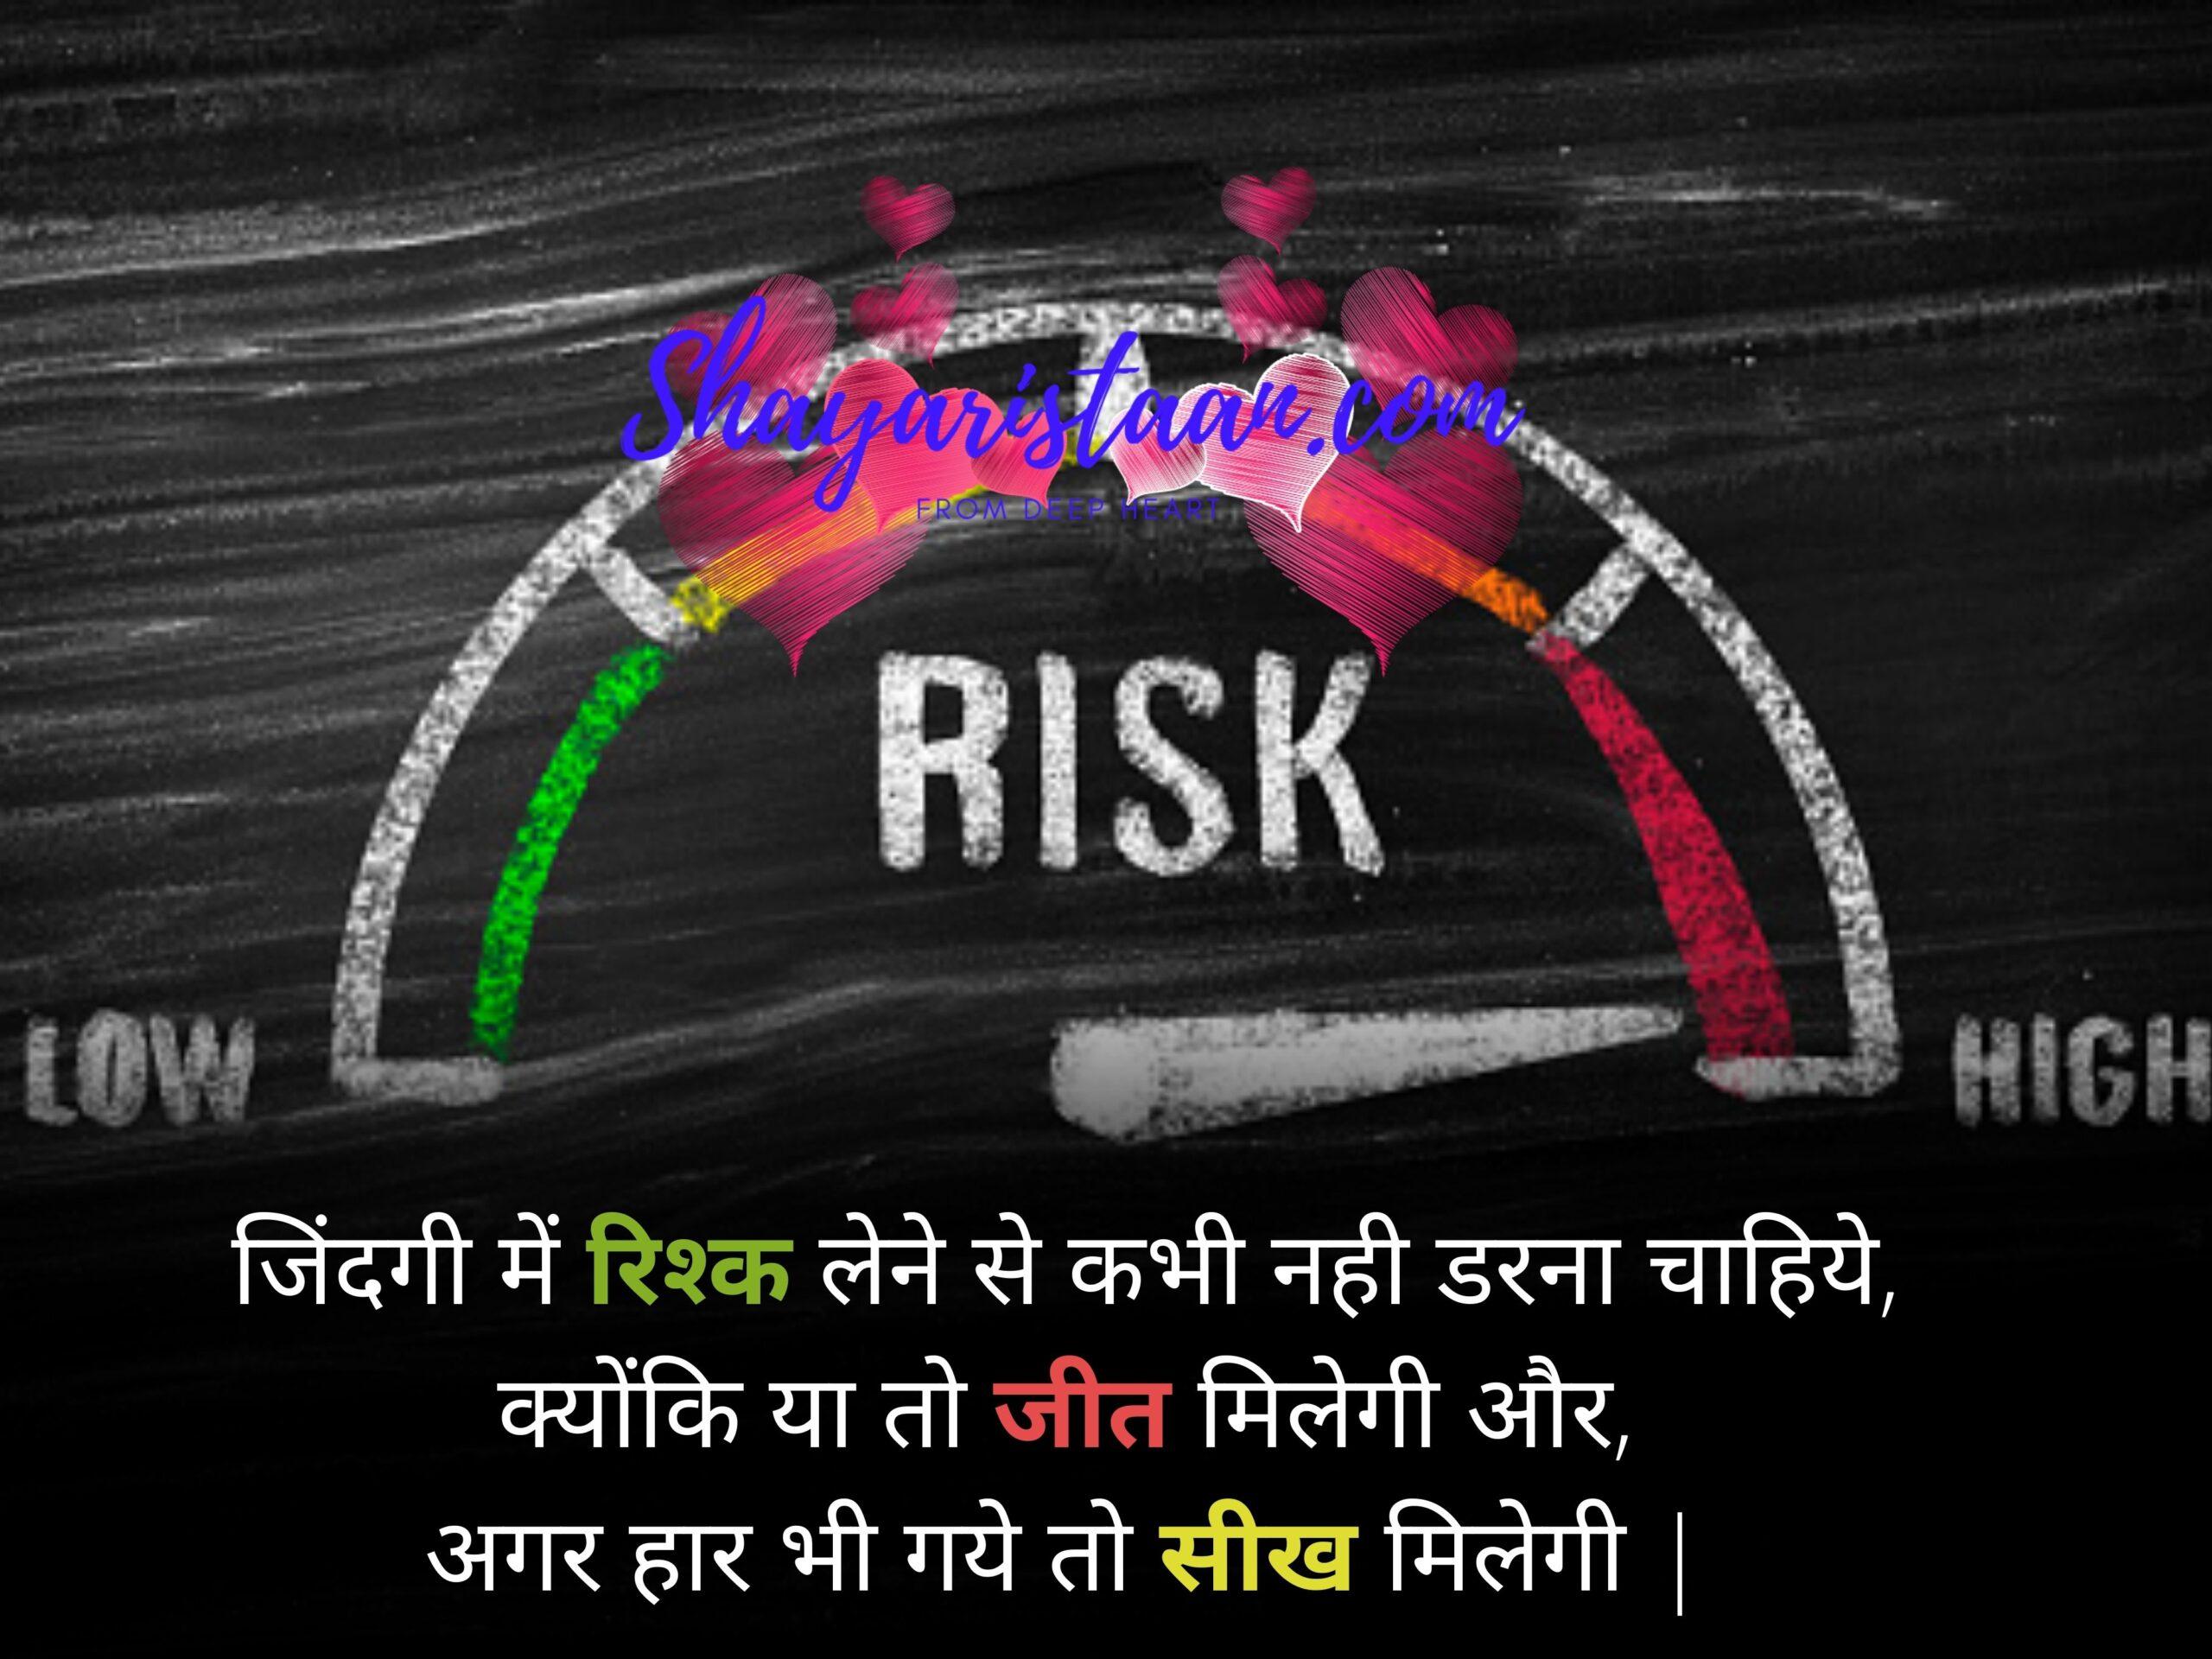 whatsapp quotes | जिंदगी में रिश्क लेने से कभी नही डरना चाहिये, क्योंकि या तो जीत मिलेगी और, अगर हार भी गये तो सीख मिलेगी |